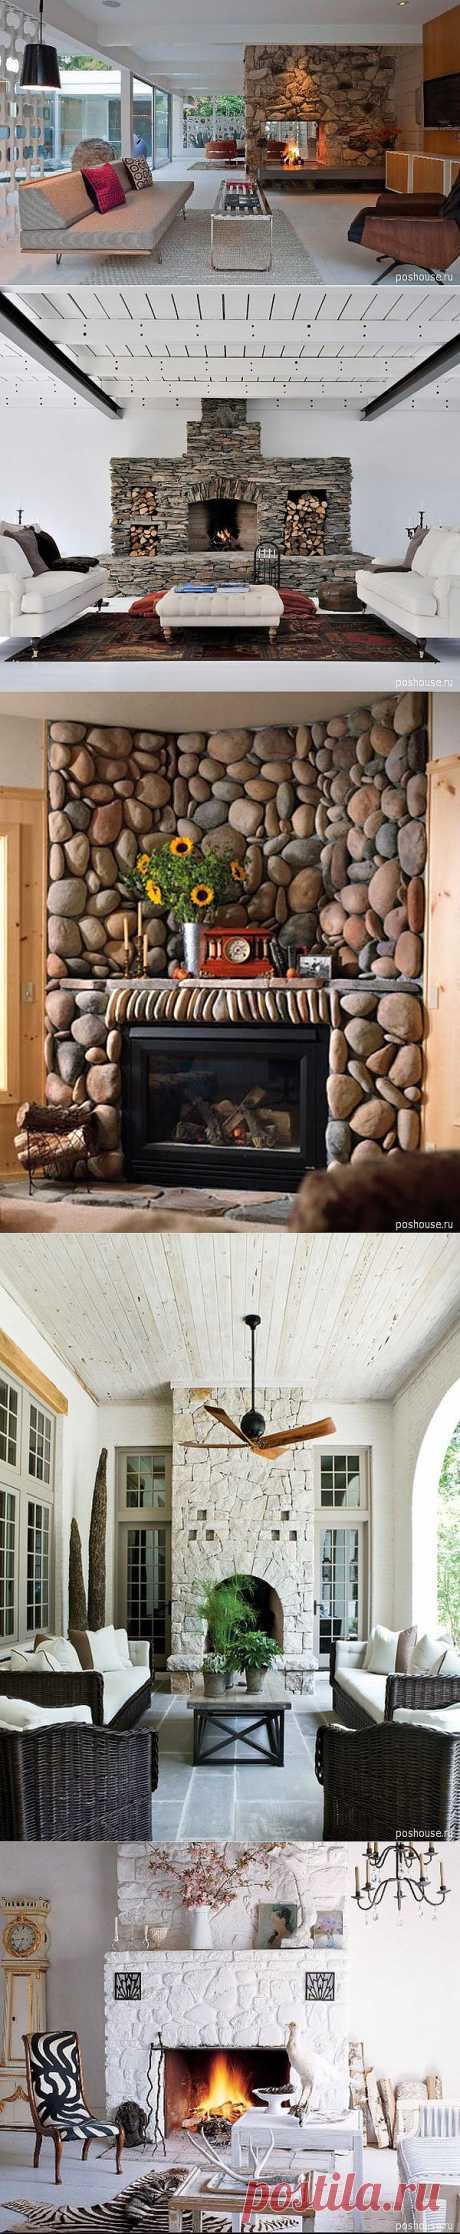 Идеи 2012 г. в дизайне интерьера гостиной комнаты с каменным камином |